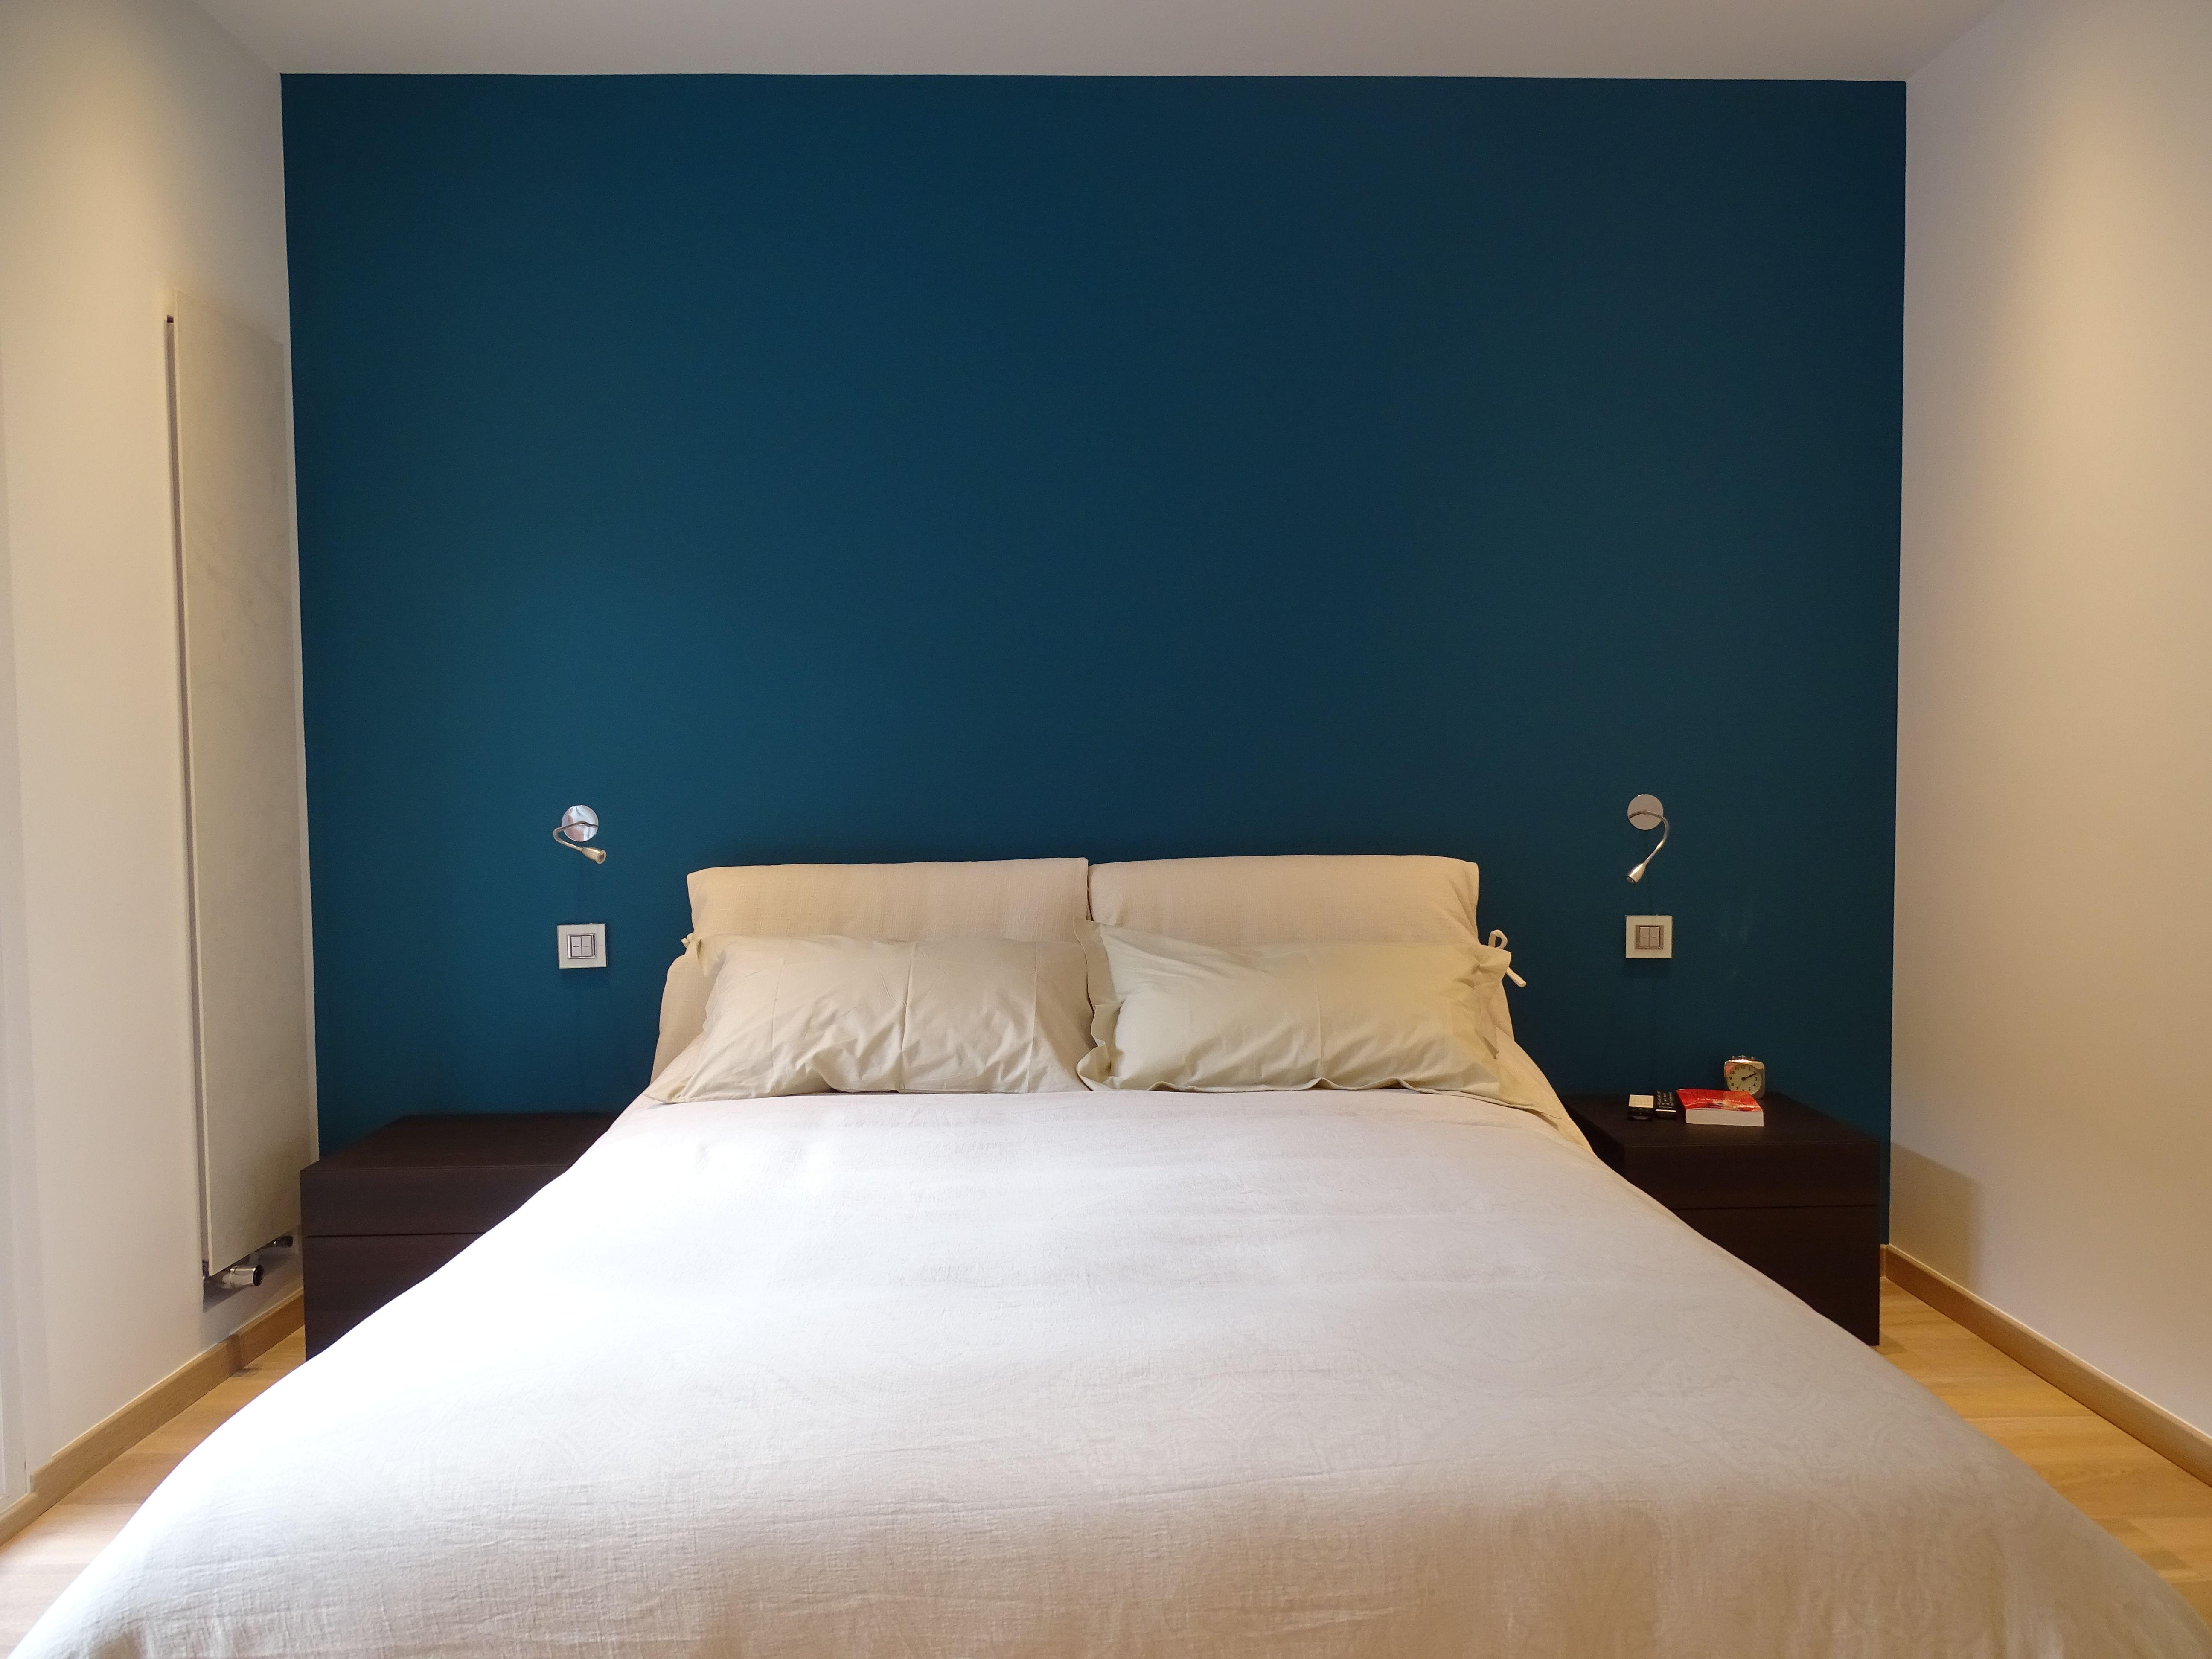 Tete De Lit Bleu Canard Peinture chambre moderne bleu canard radiateur design tête de lit